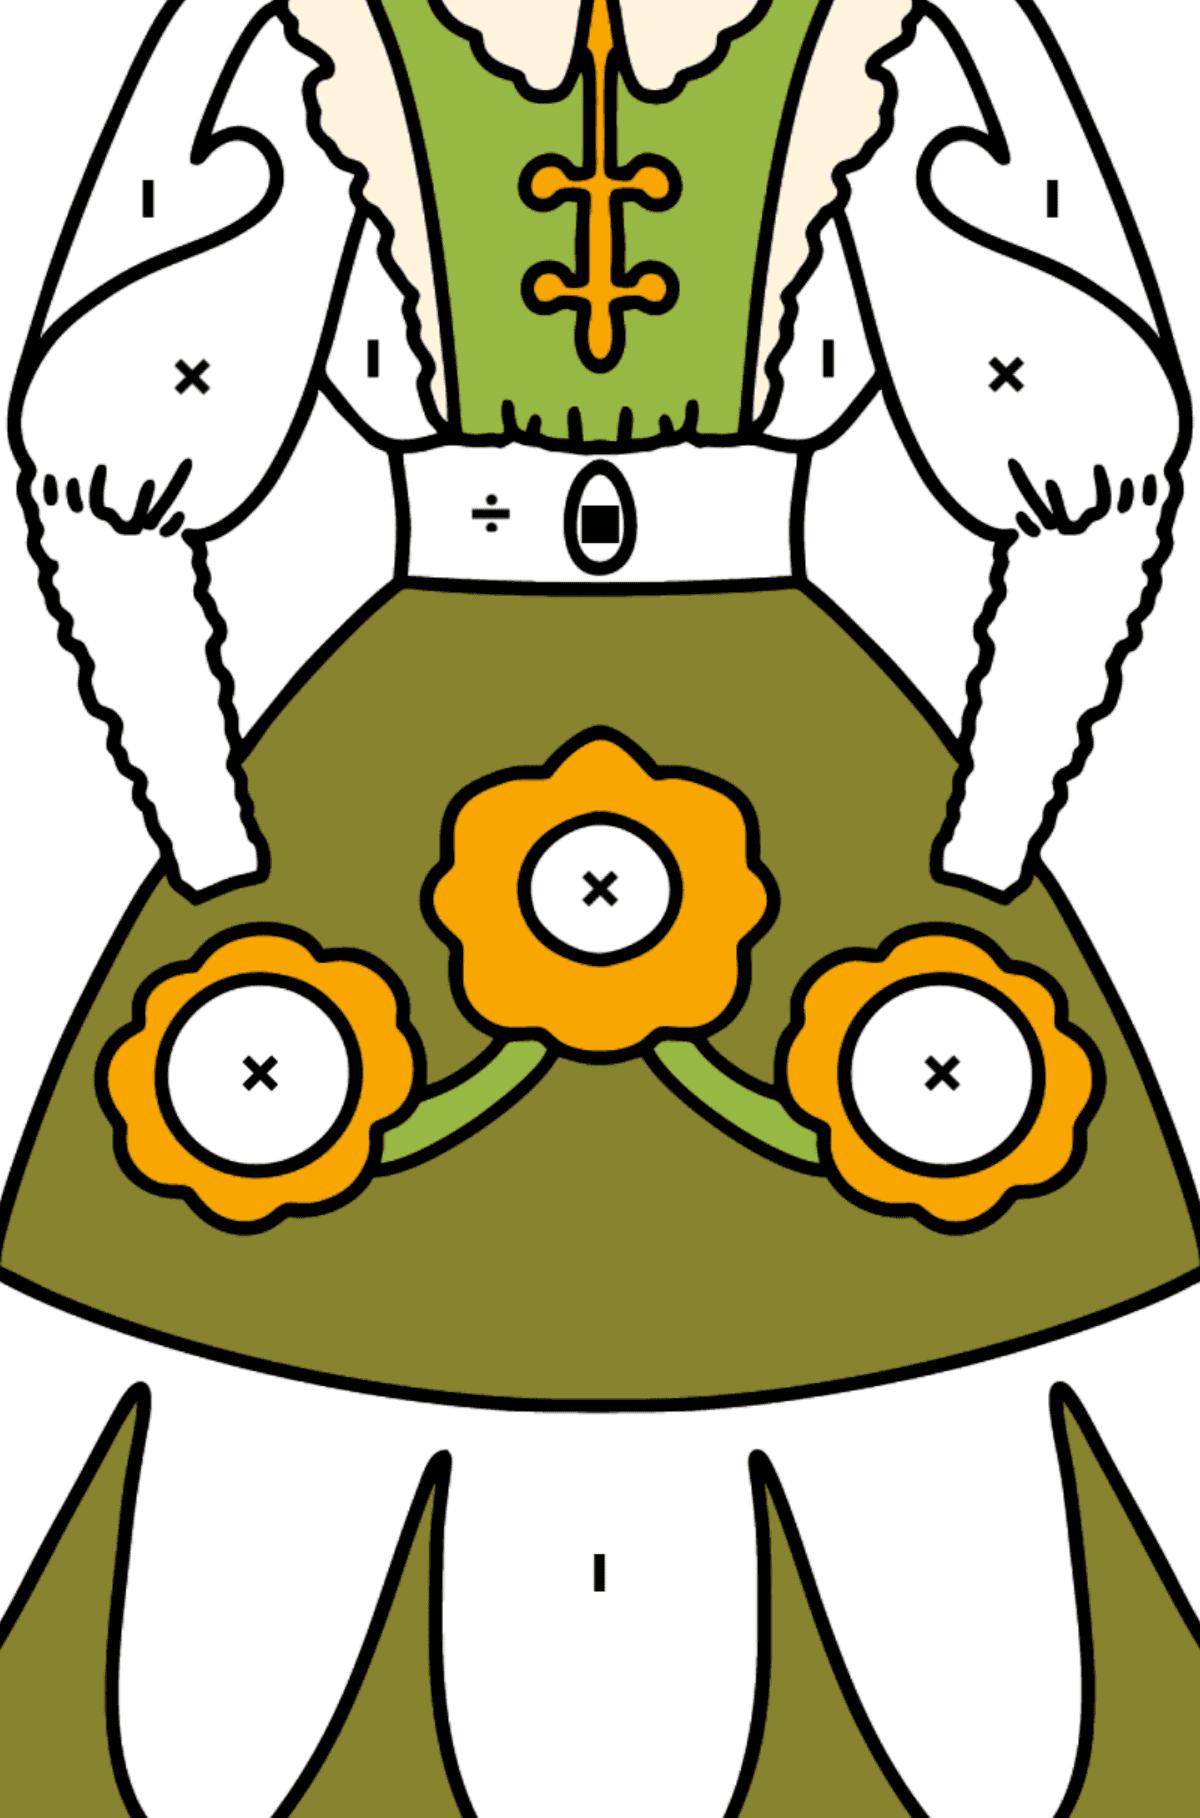 Платье раскраска - Раскраска по Символам и Геометрическим Фигурам для Детей